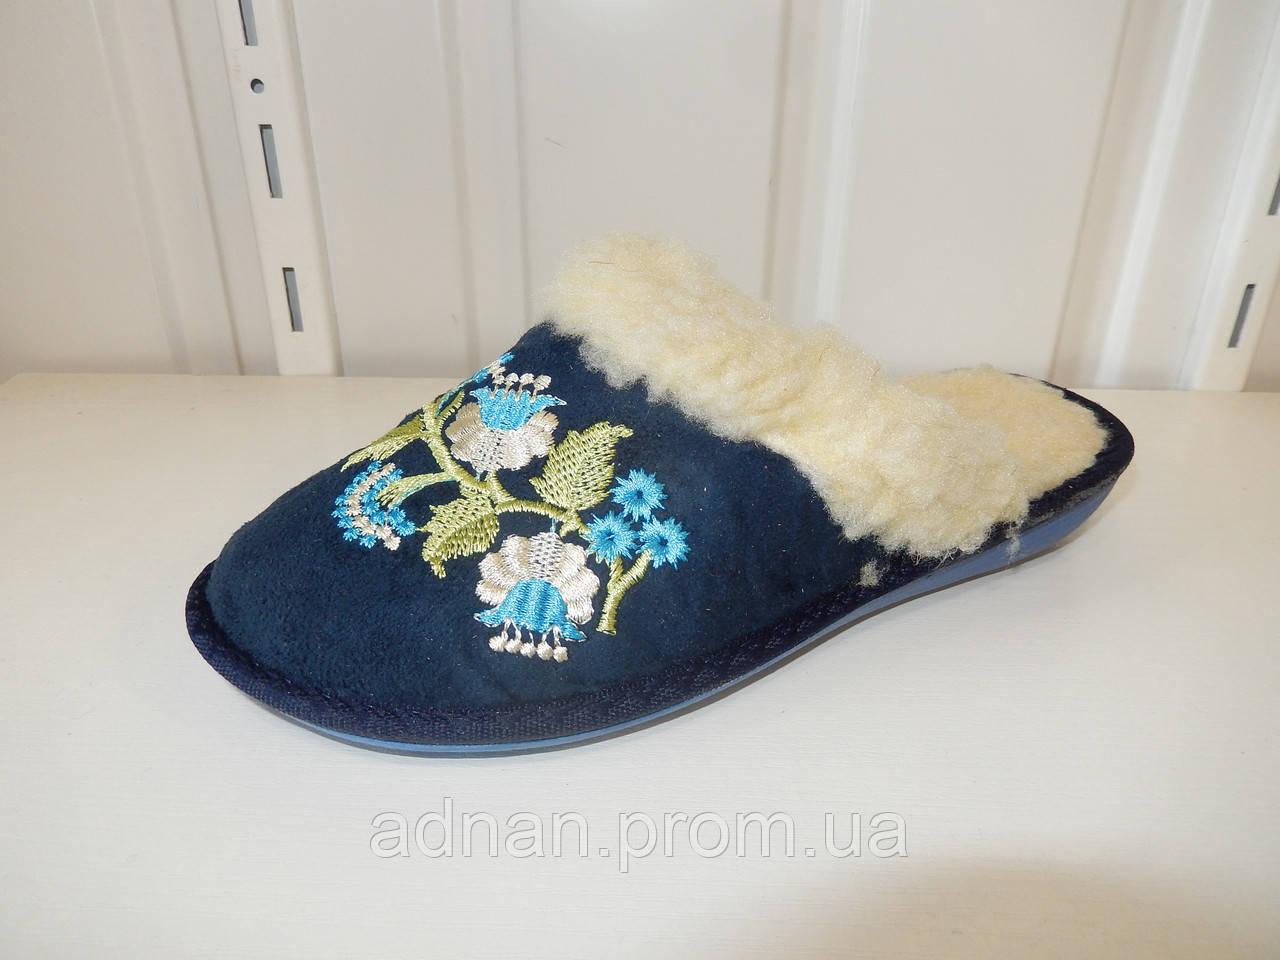 Тапочки женские БЕЛСТА, мех 6 пар в упаковке,TAP TJ-9002-001 Украина/ купить тапочки оптом